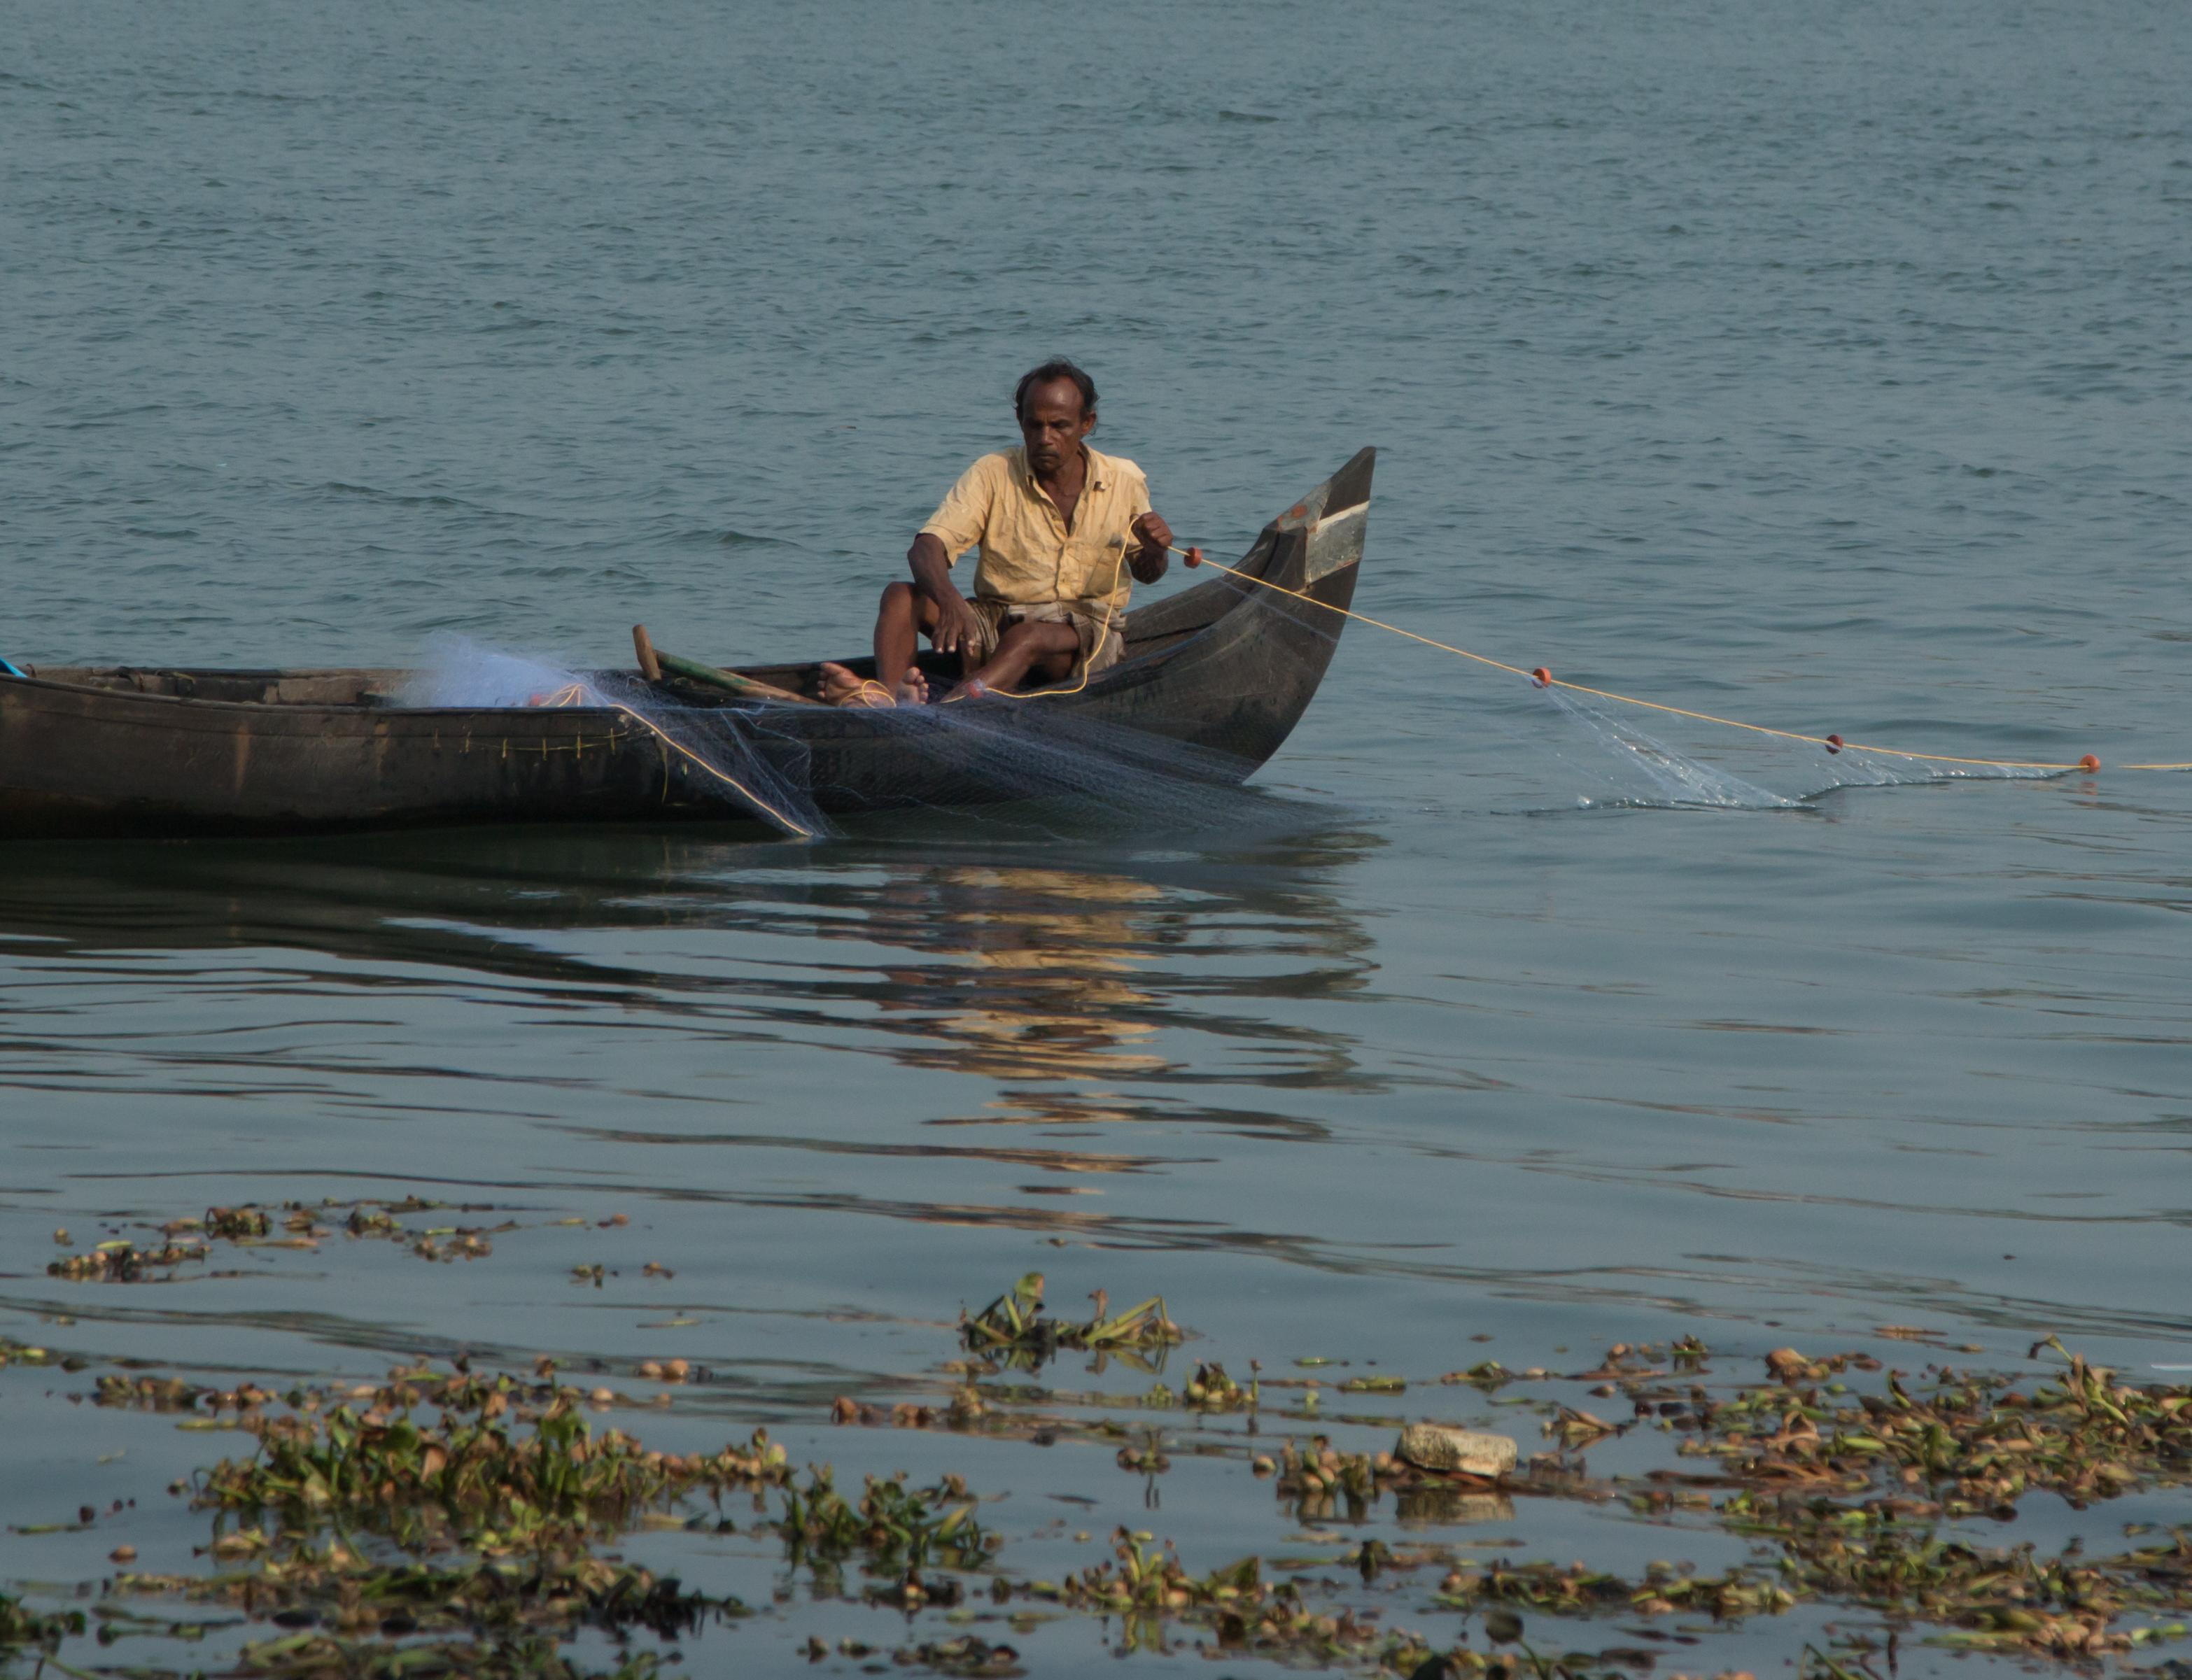 INDIEN Cochin Kerala Menschen Fischmarkt FINEST-onTour 8825.jpg